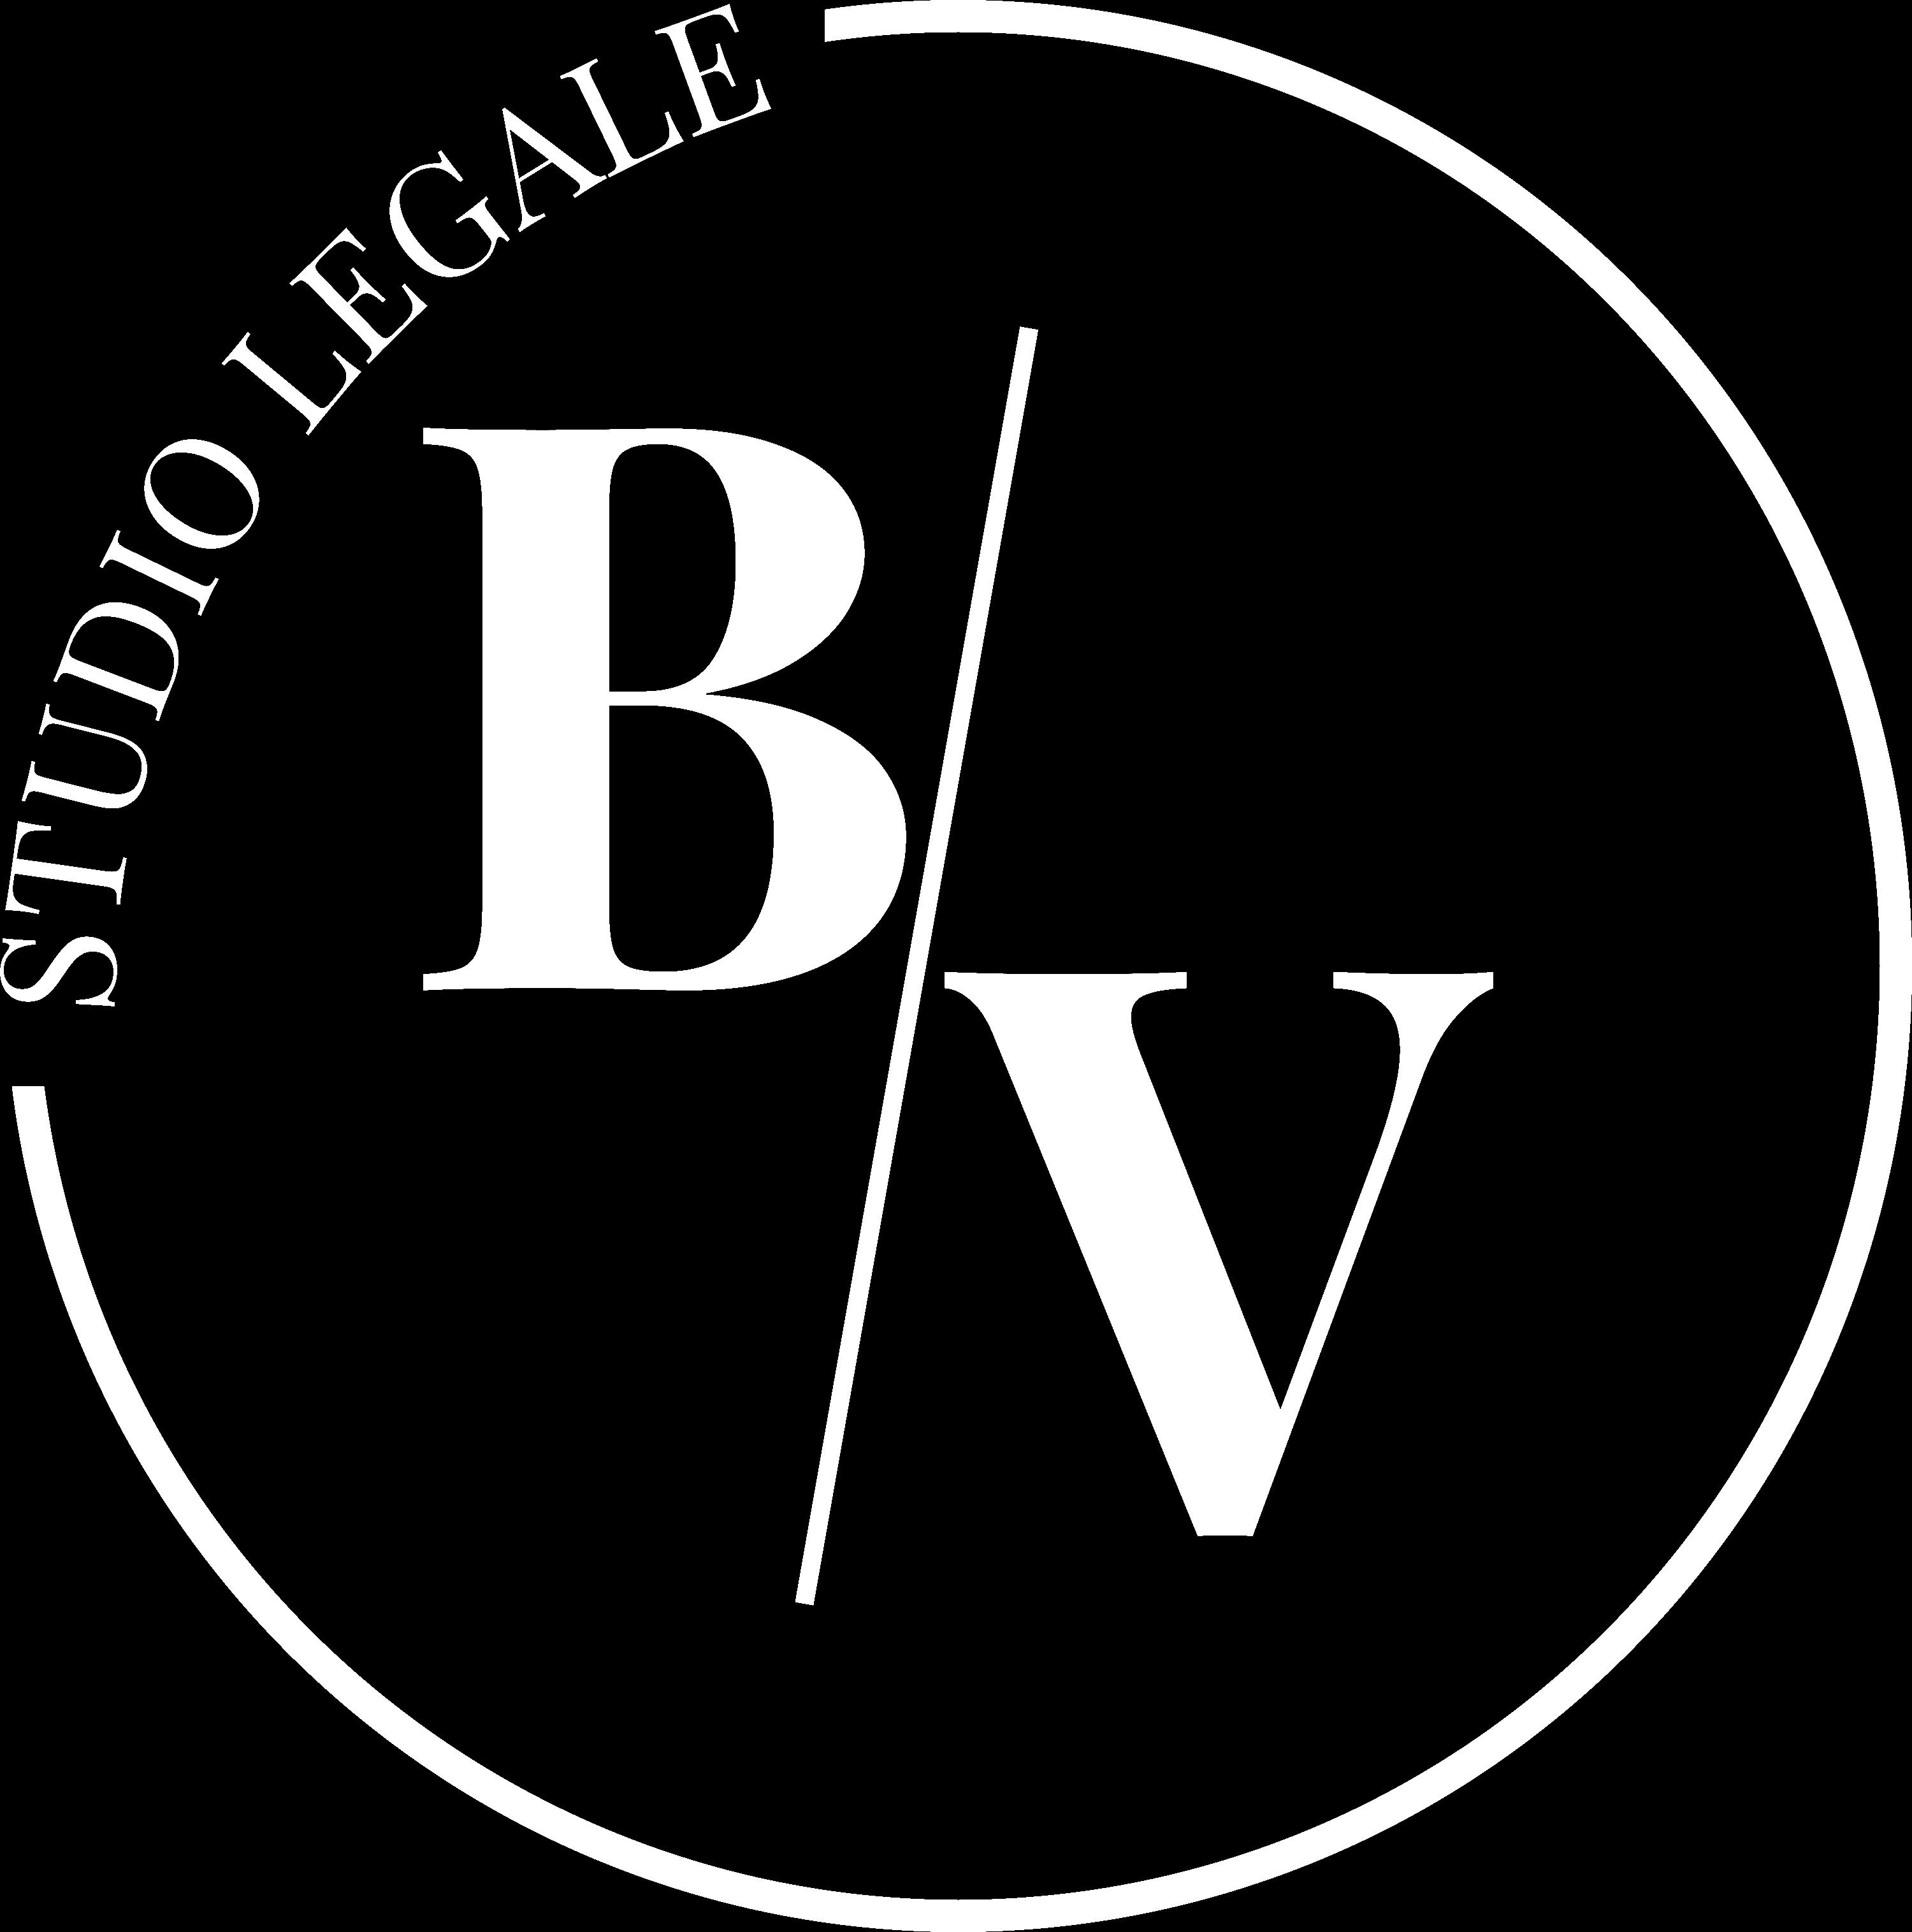 Studio Legale BV Logo